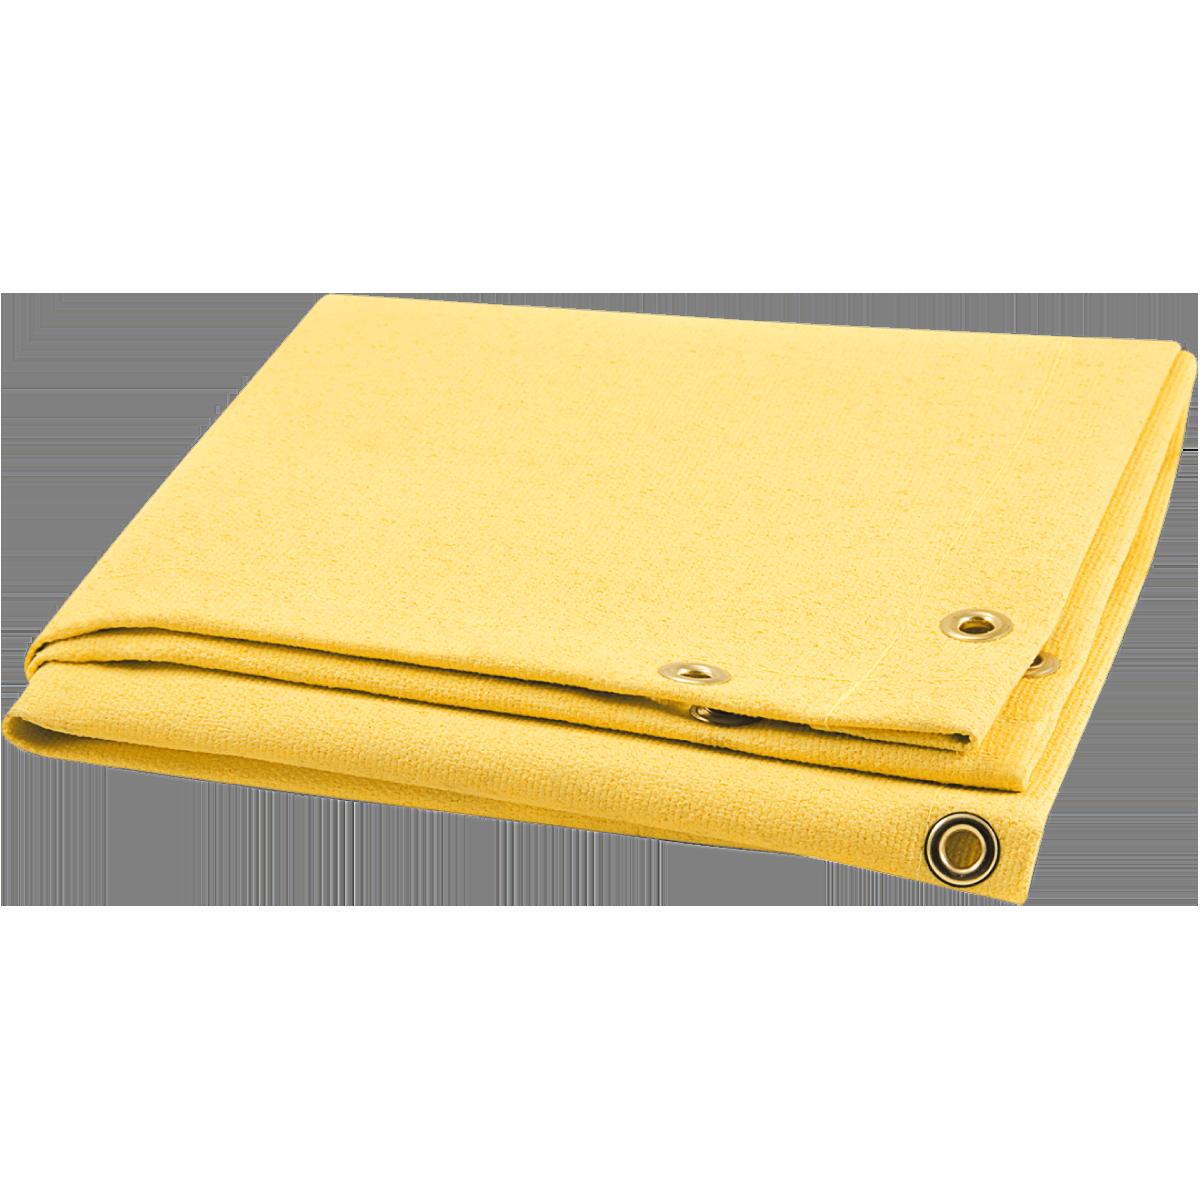 BW Blanket 24OZ ACRYLICCOATED Glass 6X8 Yellow